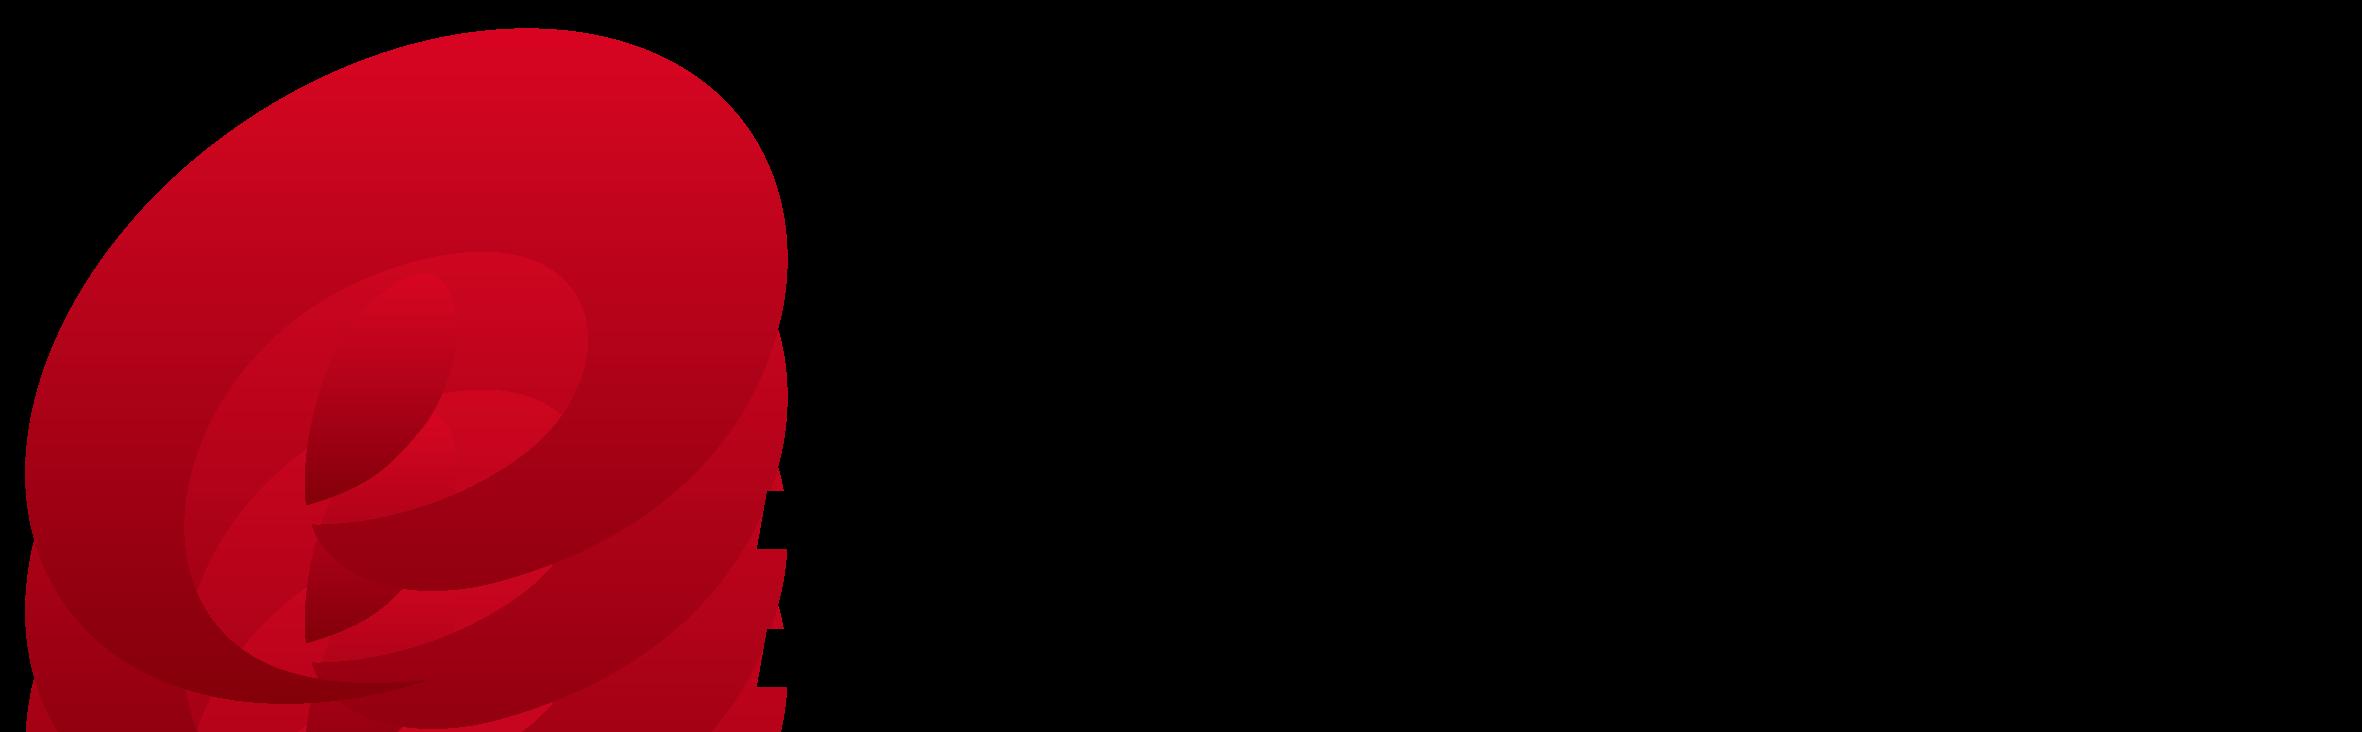 不動産業と堅め/堅実と赤のロゴ